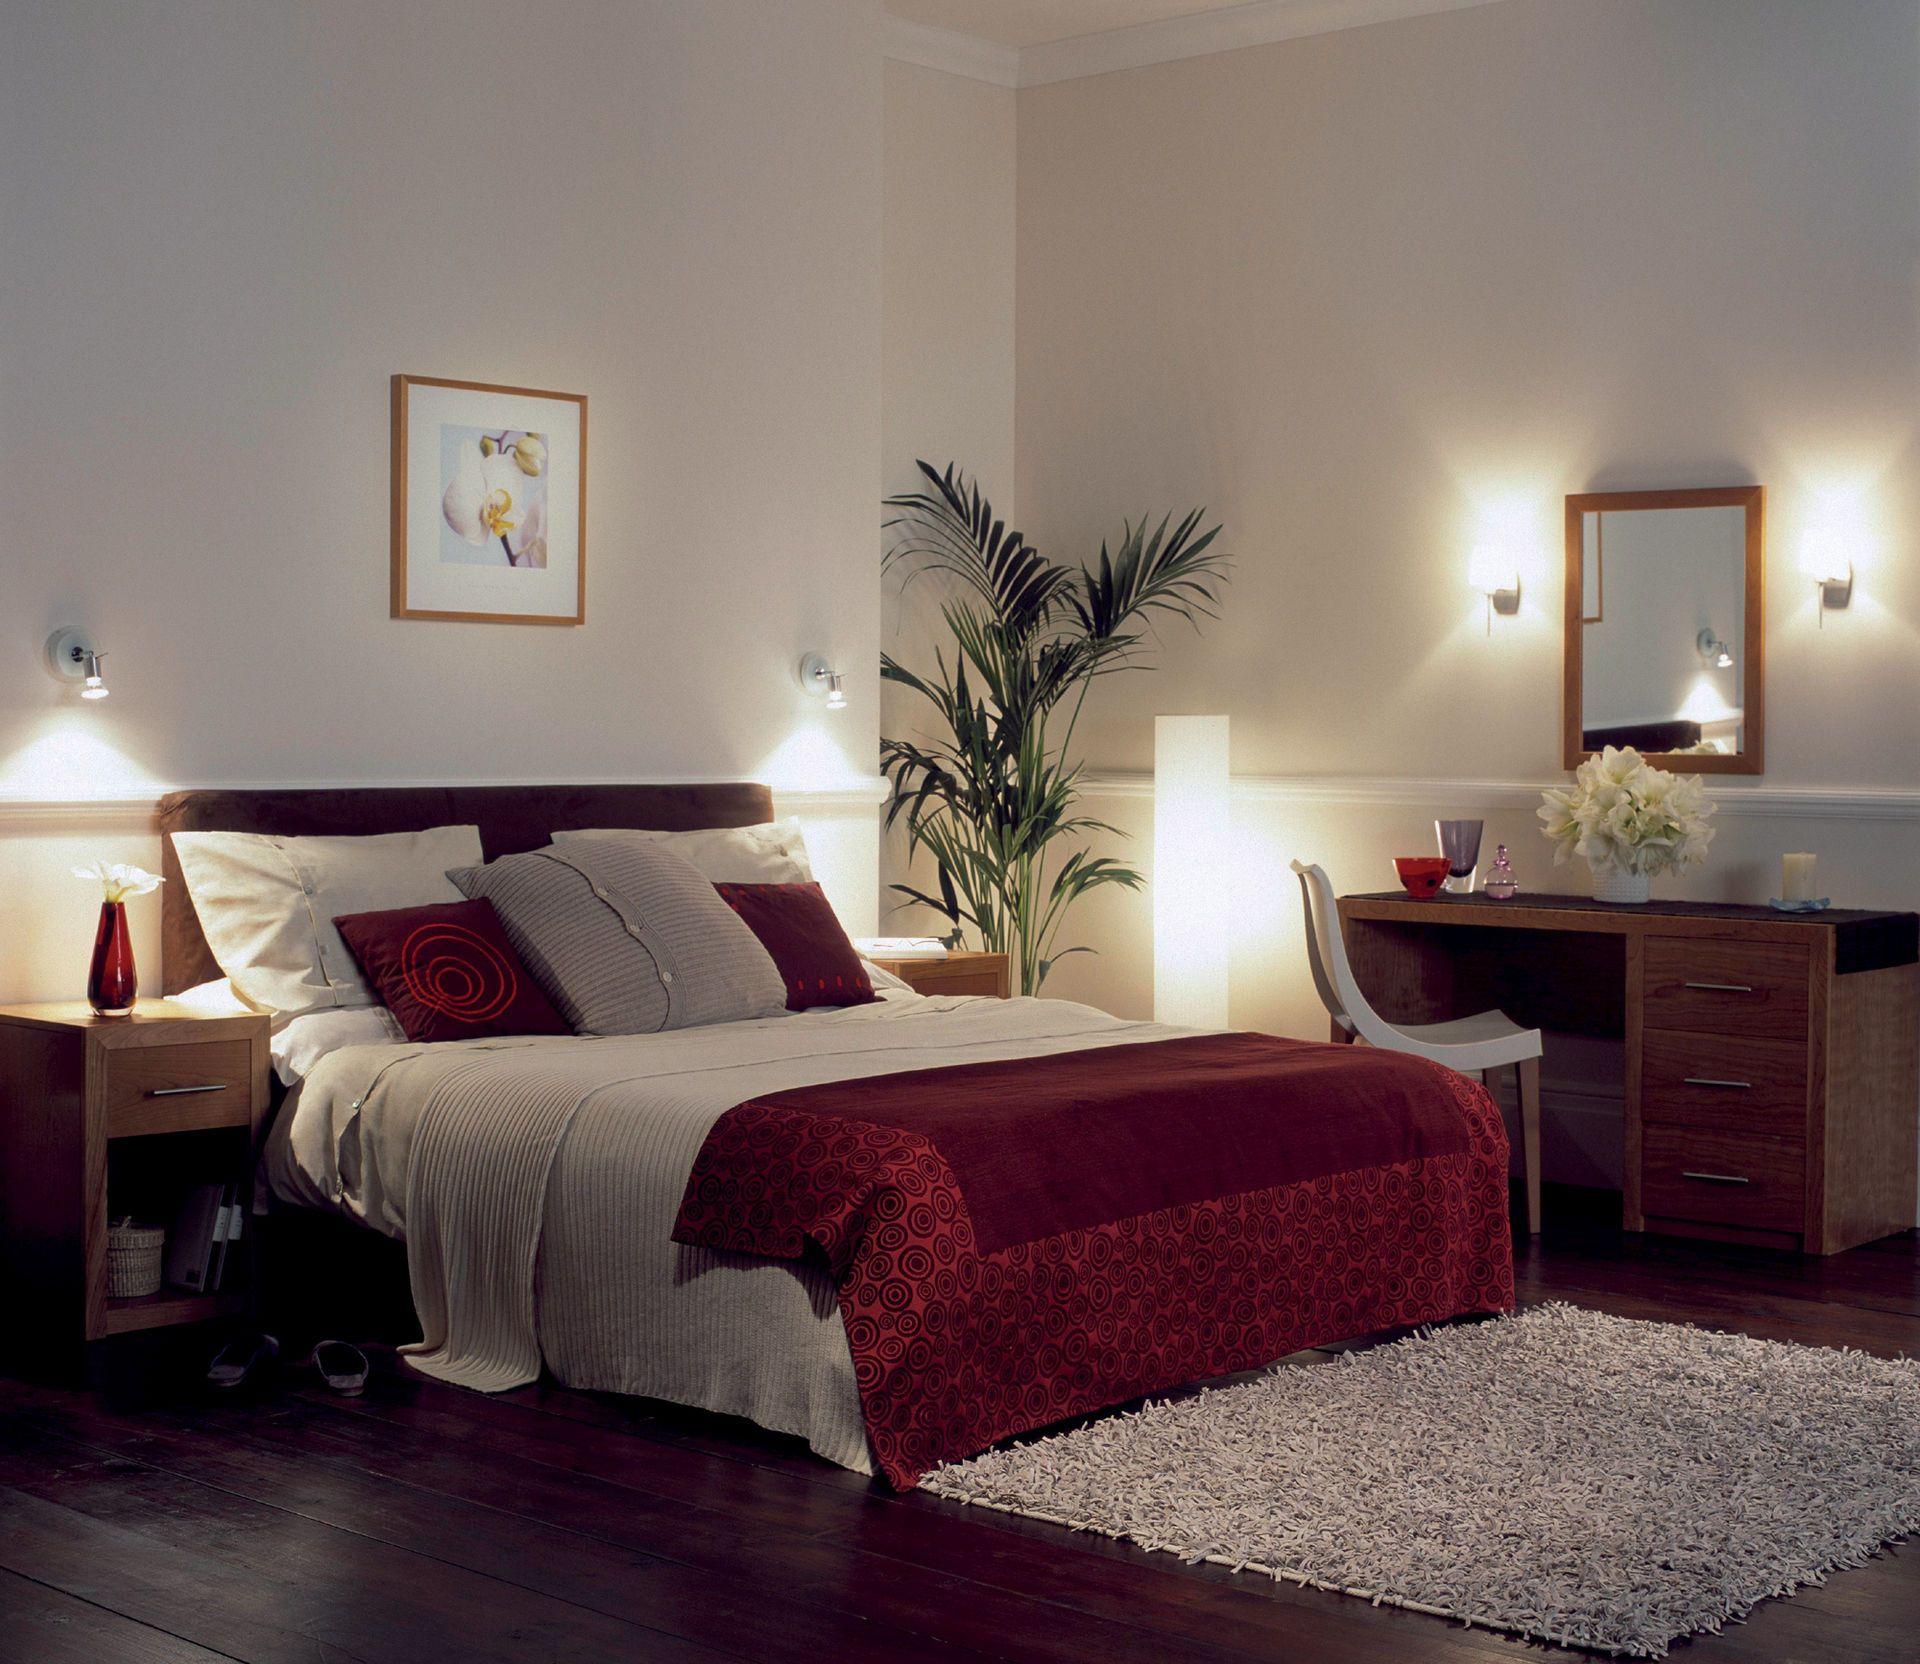 Beleuchtung Im Schlafzimmer Deckenspot Nachtlicht Amp Co Bauemotion De